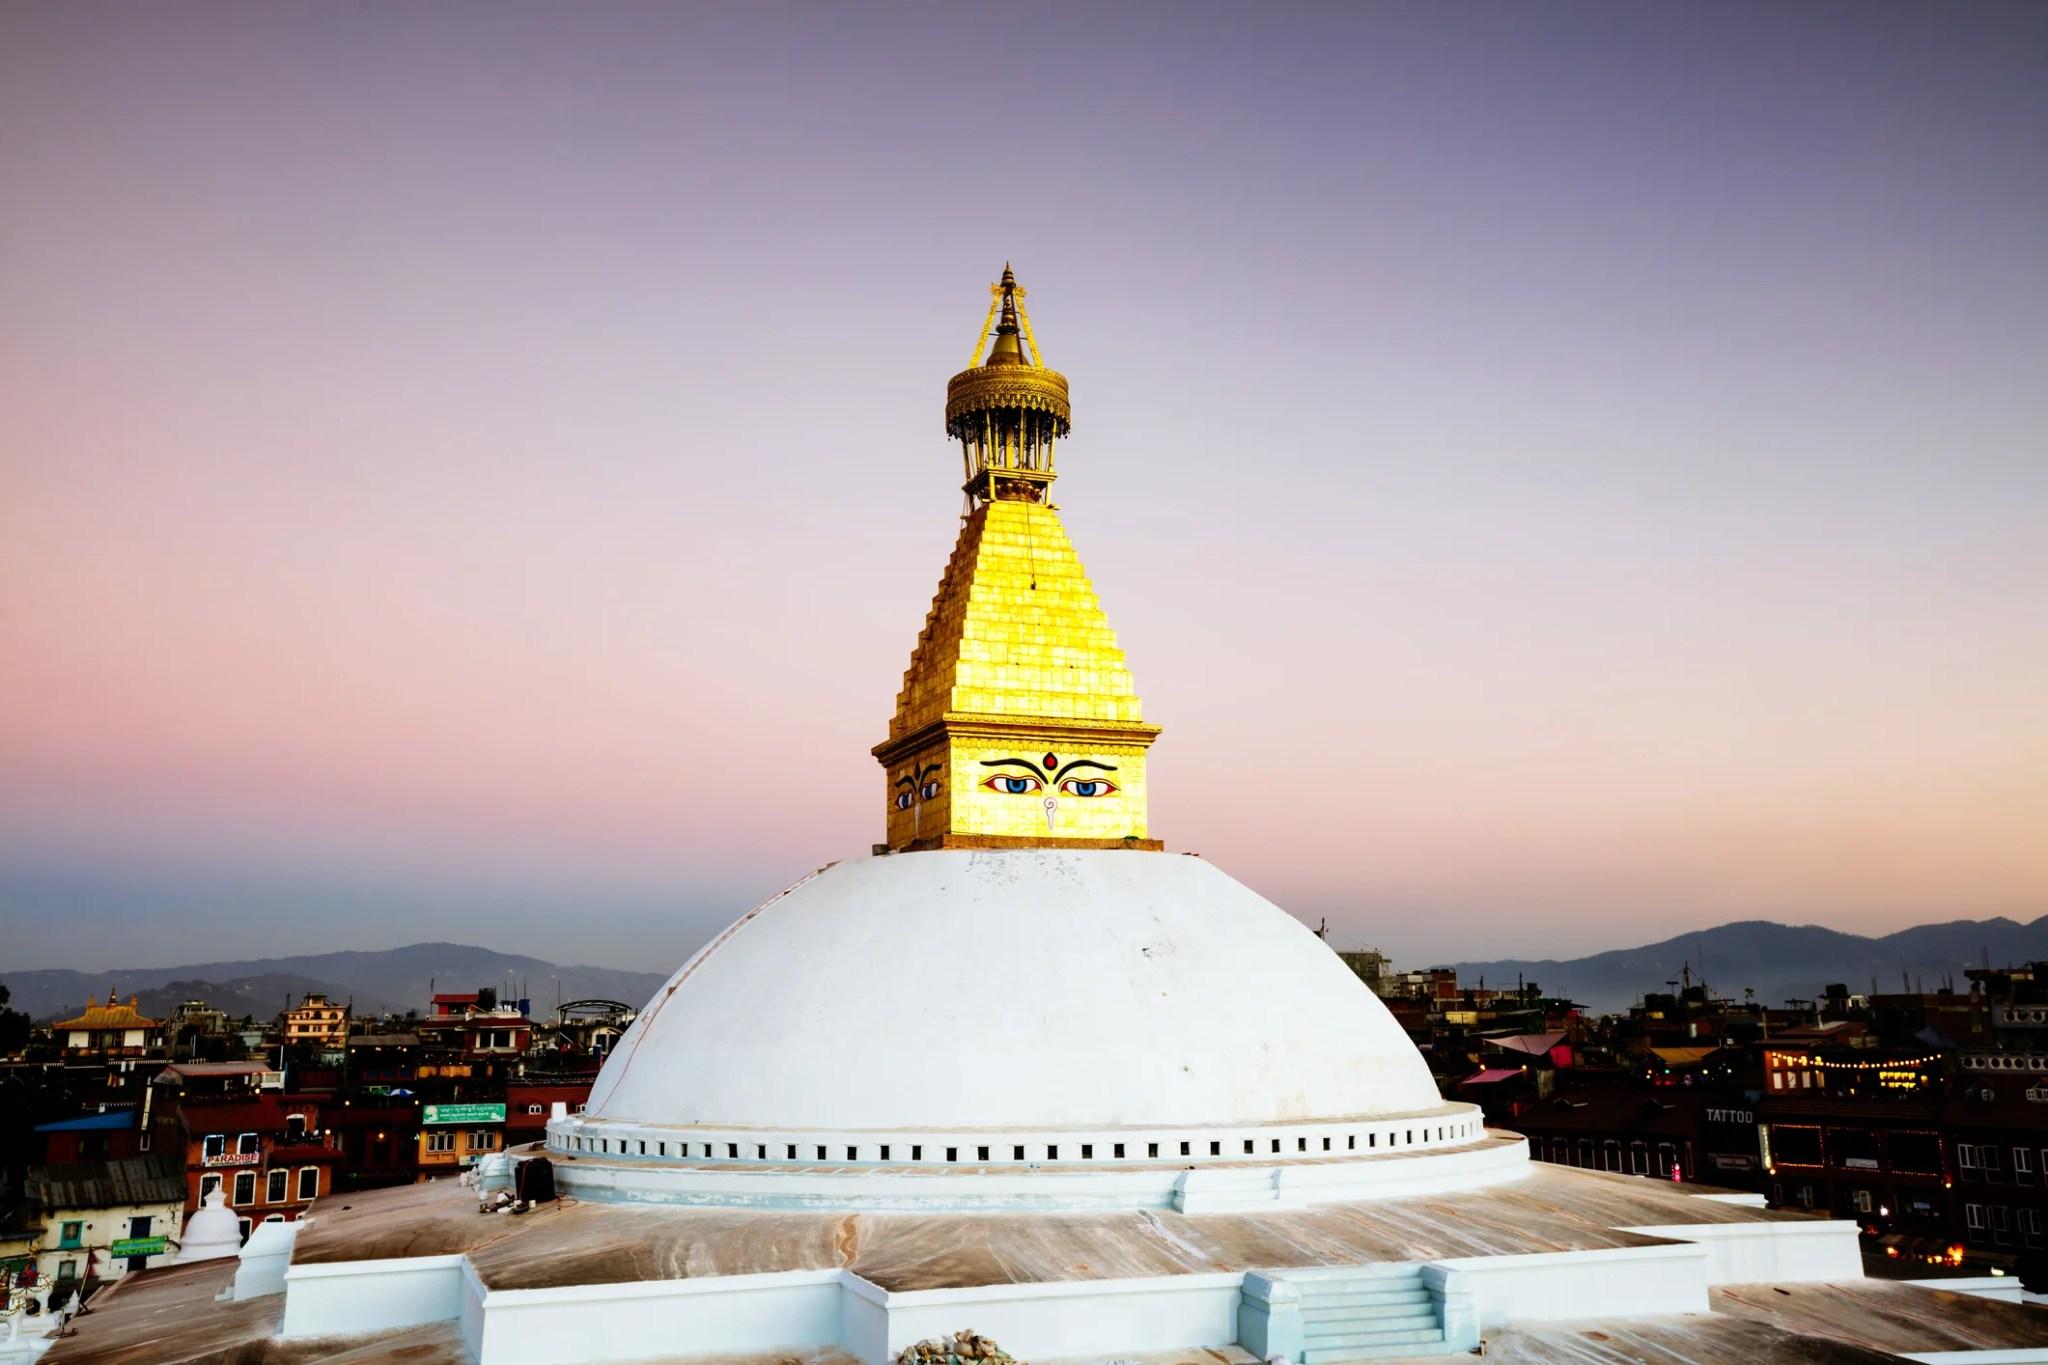 Boudhanath stupa, a famous Buddhist landmark in Kathmandu, Nepal. Image by Matteo Colombo.